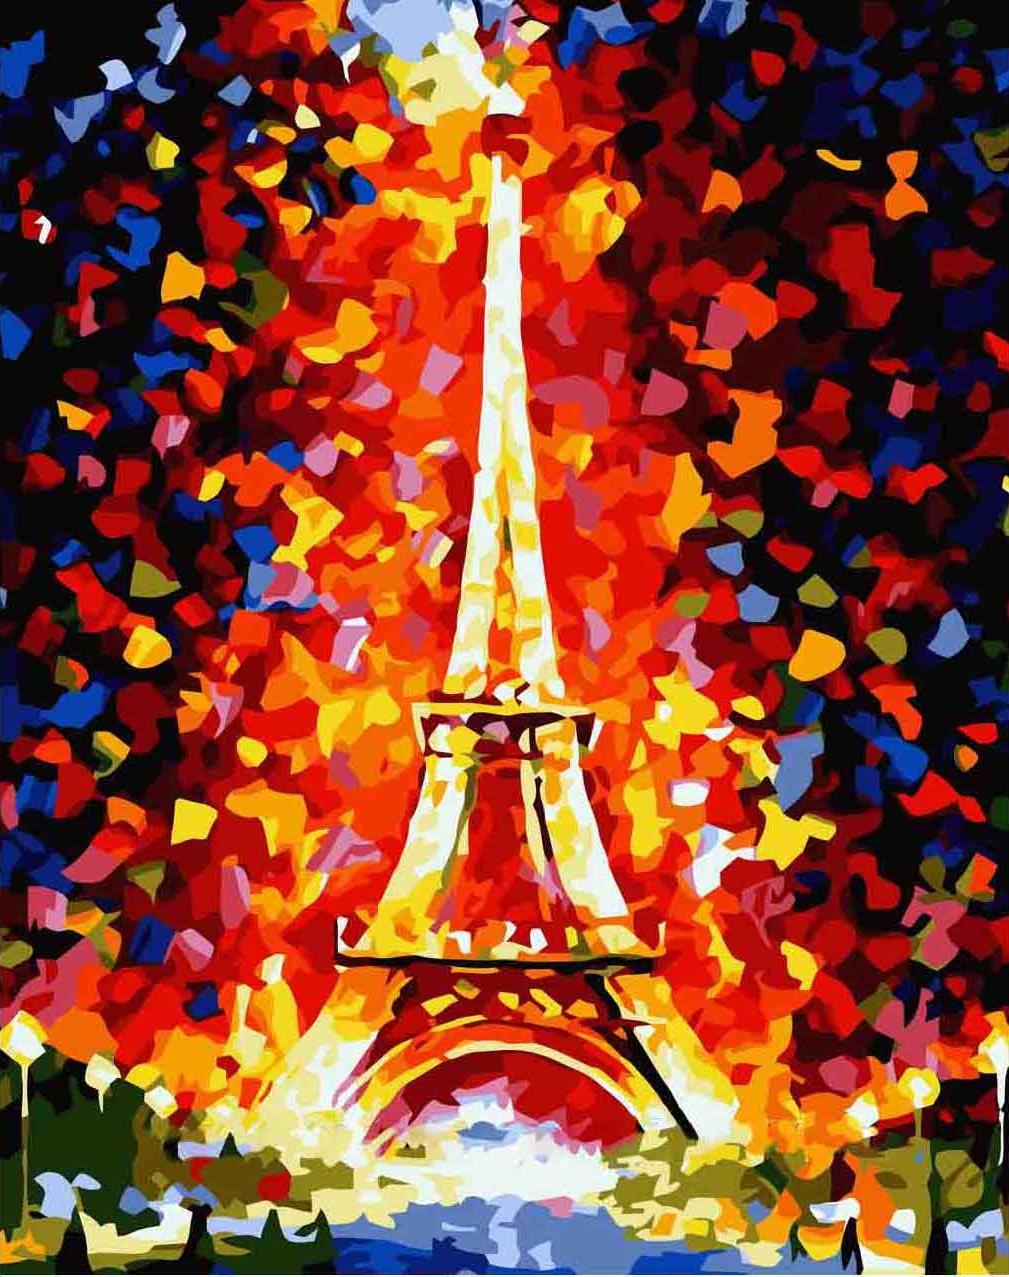 """«Эйфелева башня» Леонида АфремоваMenglei (Premium)<br>Хотите в Париж? Впервые или в десятый, сотый раз, ведь город, который ассоциируется только с прекрасными и светлыми чувствами и эмоциями, не может наскучить, как и картина по номерам """"Эйфелева башня"""". Красивая раскраска на холсте поможет совершить виртуал...<br><br>Артикул: MG076<br>Основа: Холст<br>Сложность: средние<br>Размер: 40x50 см<br>Количество цветов: 21<br>Техника рисования: Без смешивания красок"""